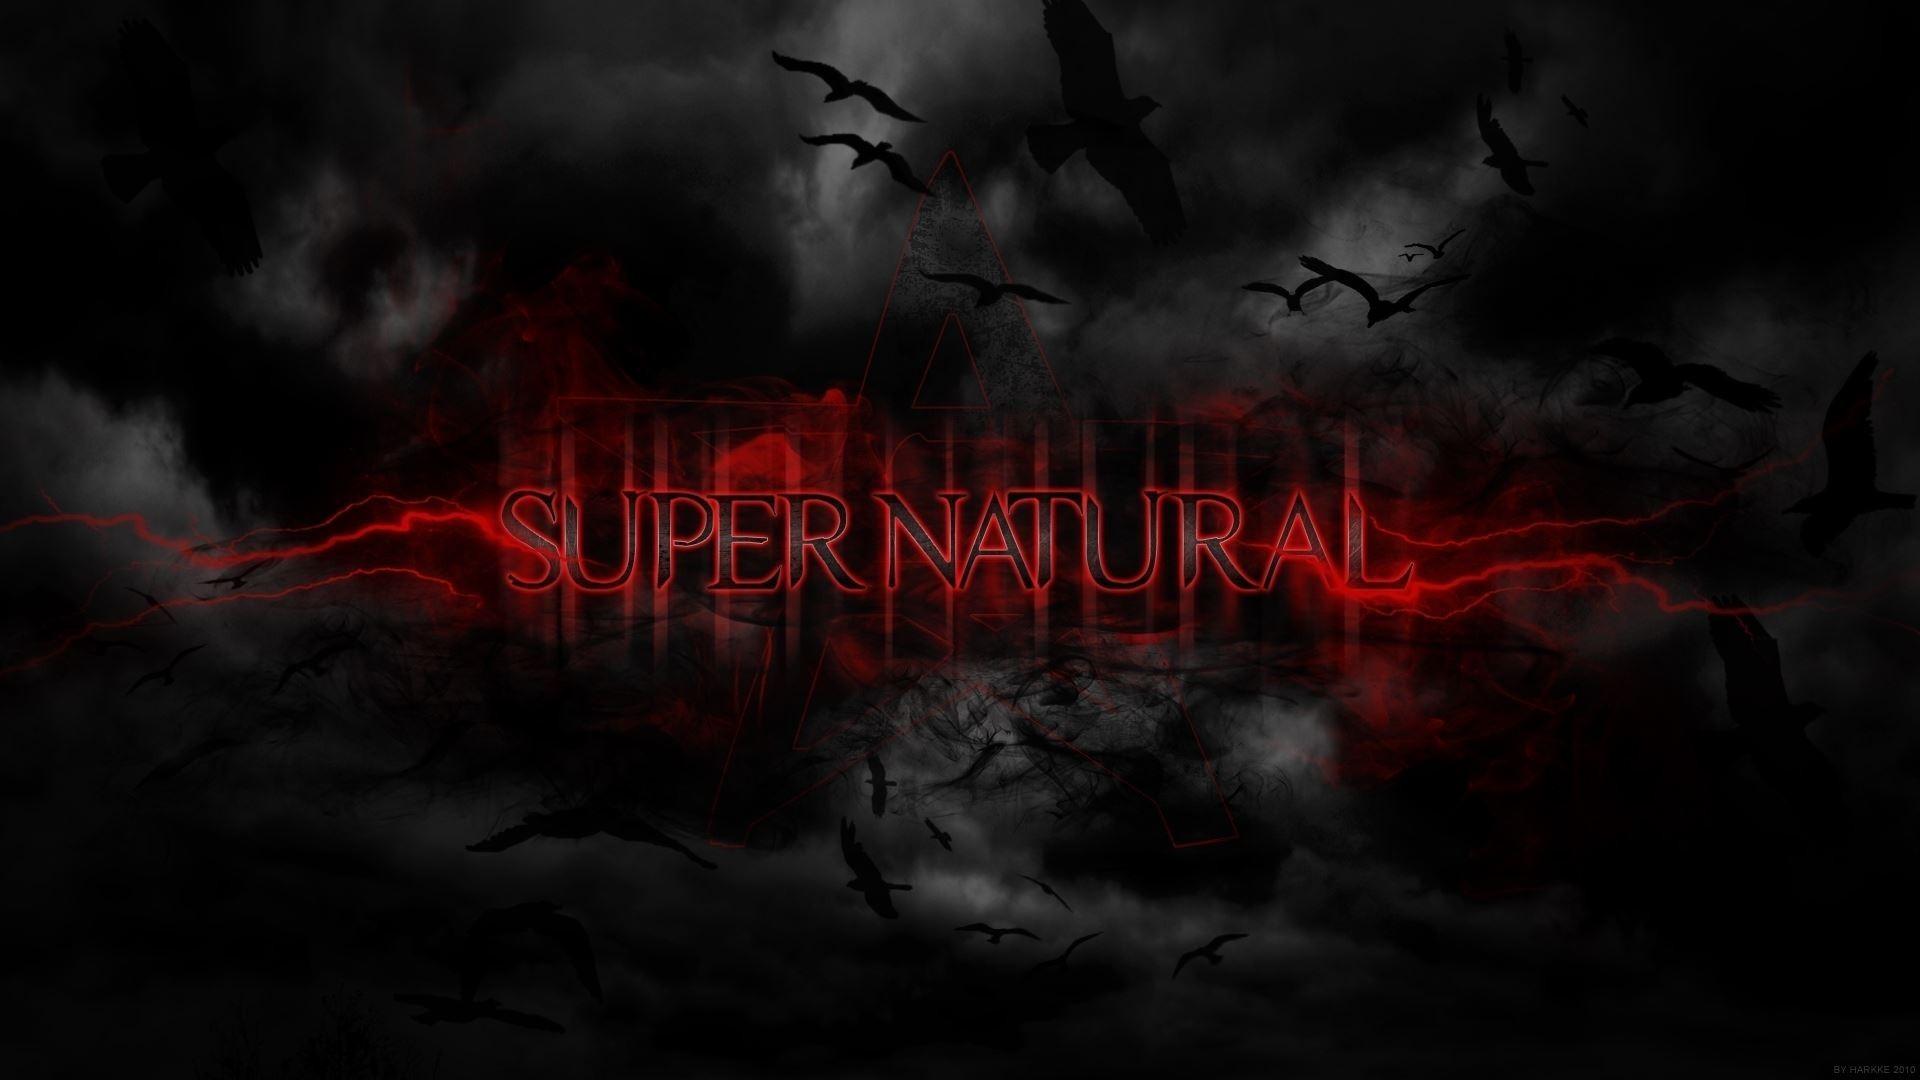 36 Supernatural Aesthetic Wallpaper On Wallpapersafari